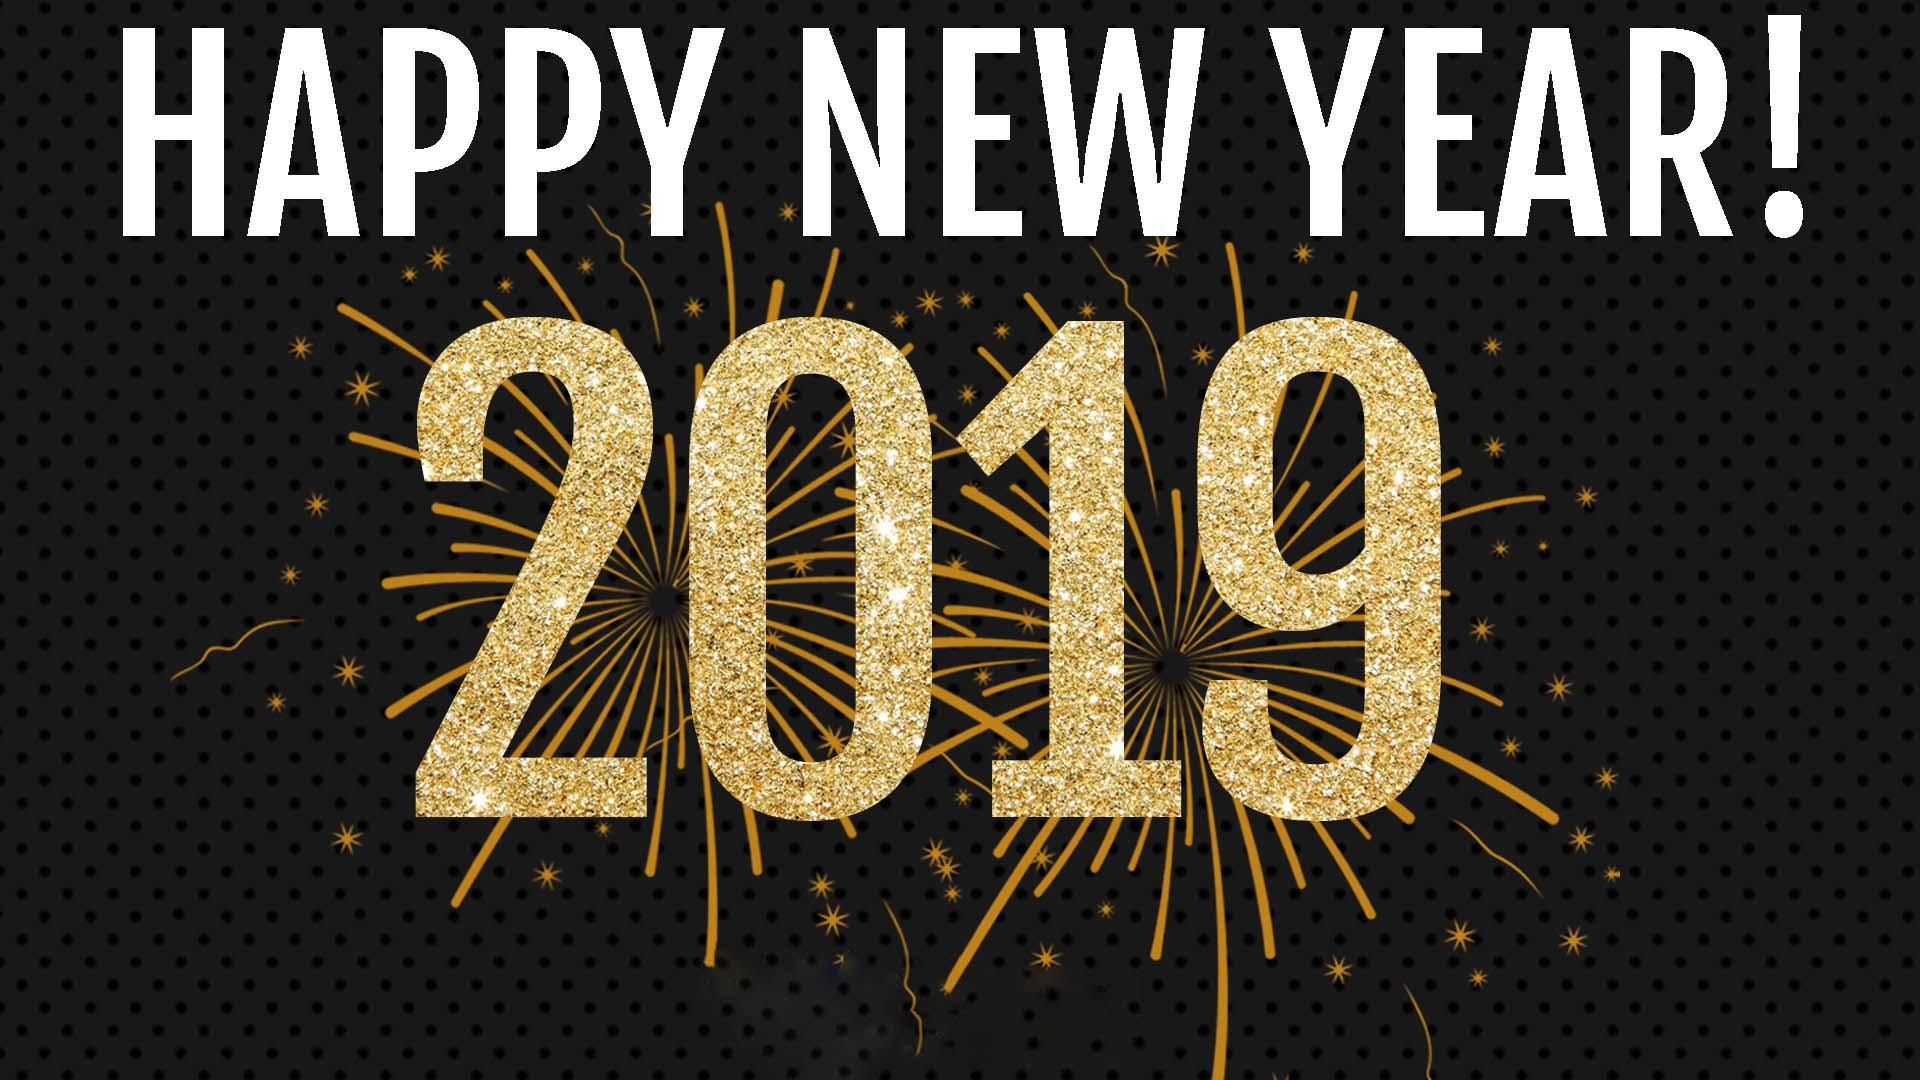 Wallpaper happy new year 2019 full hd